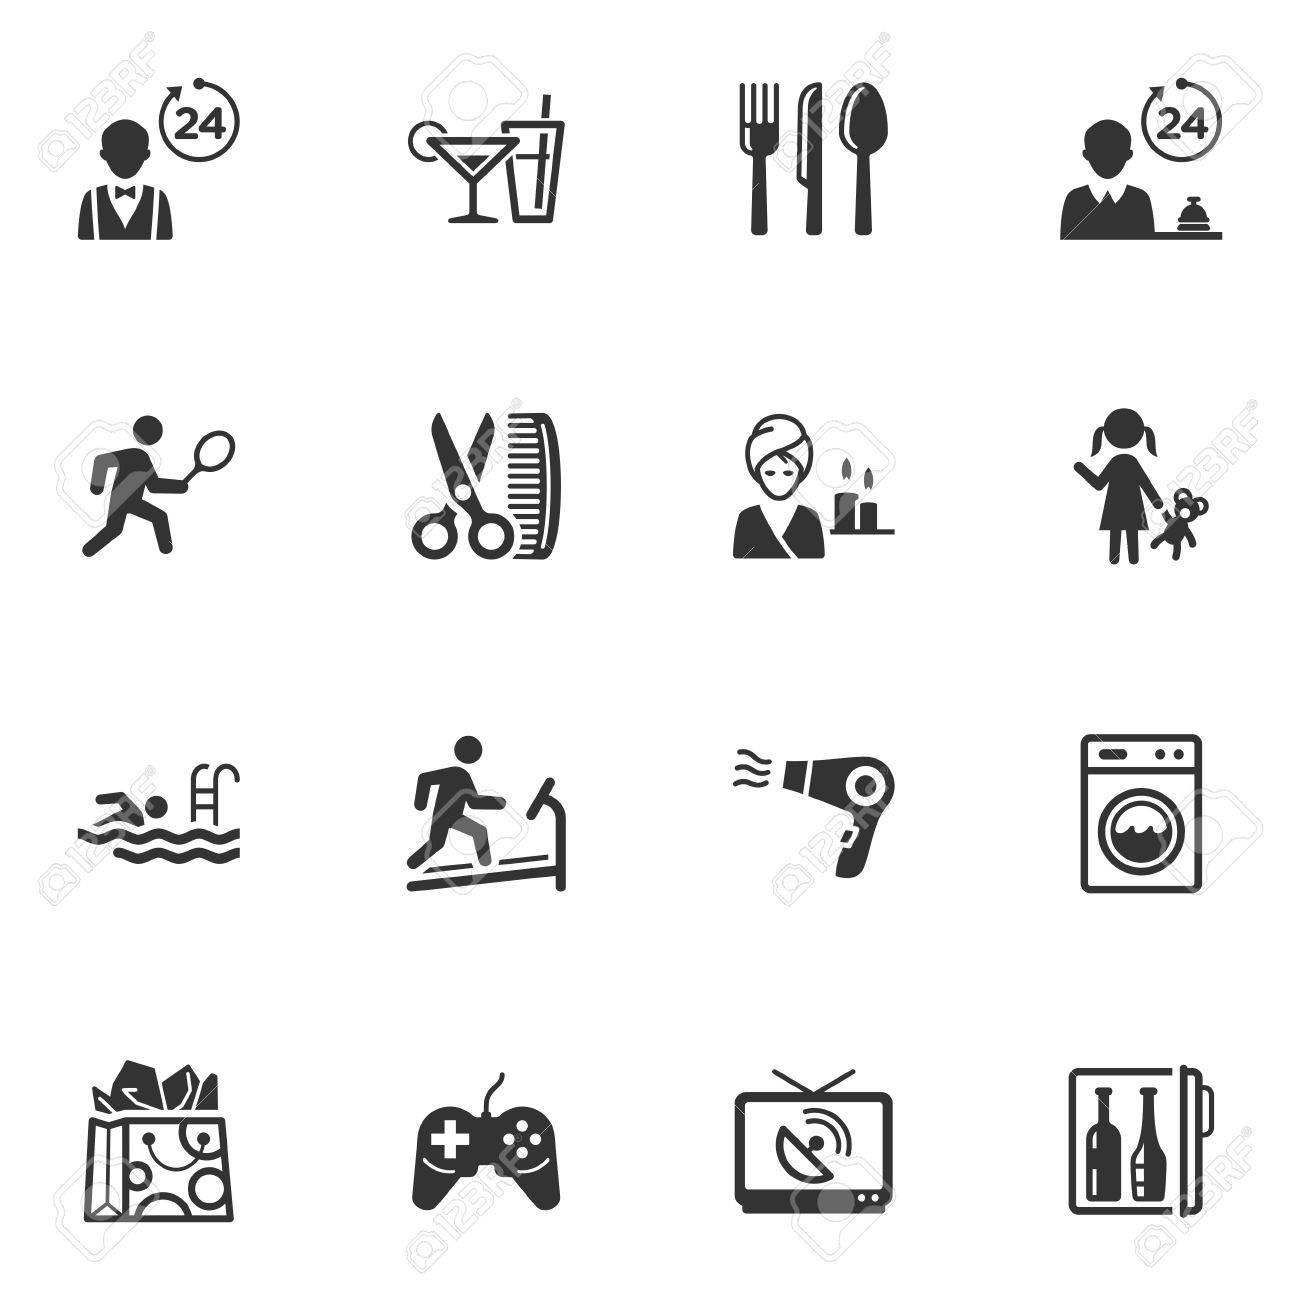 babysitting logos